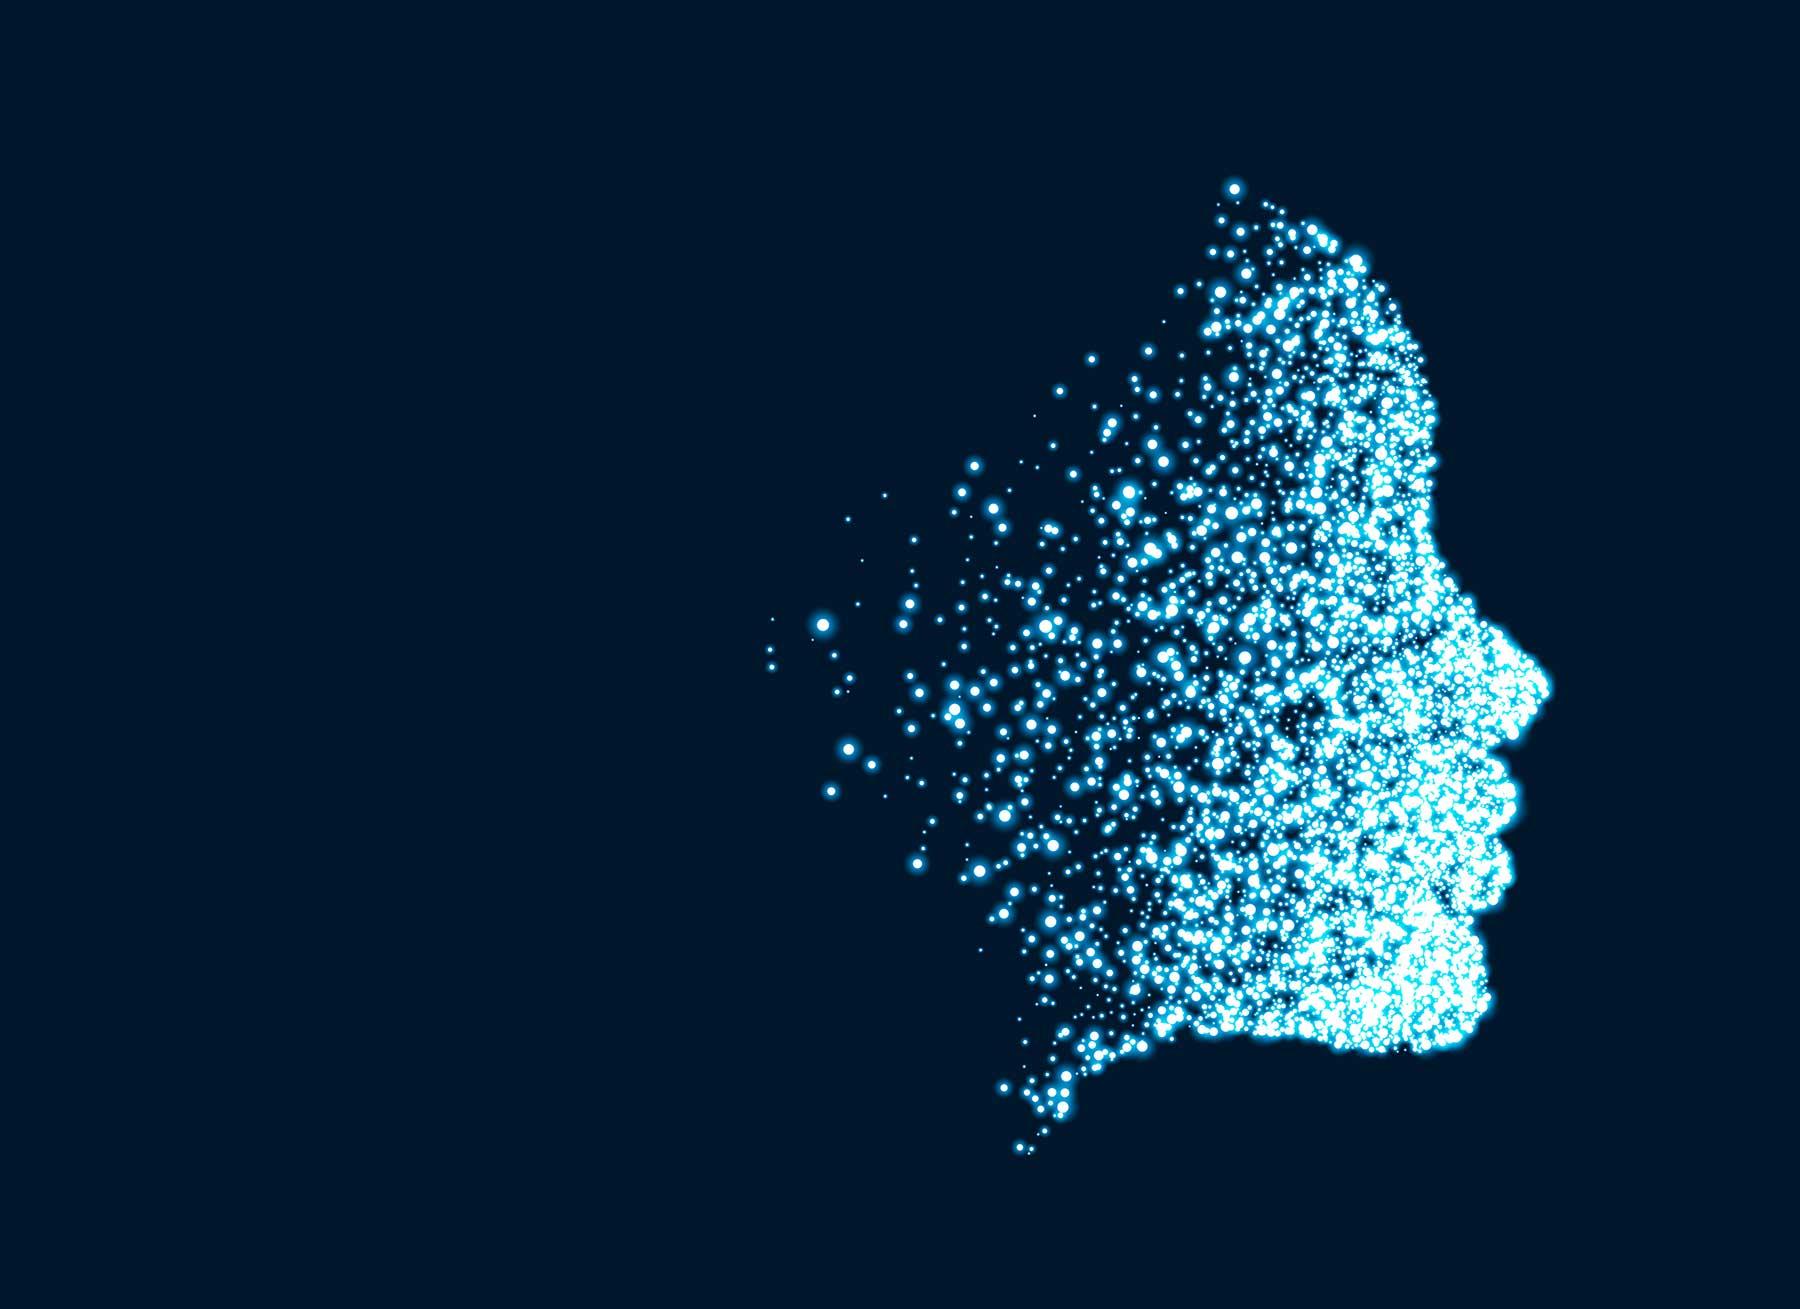 Tecnologia cognitiva: como ela vai mudar o mercado